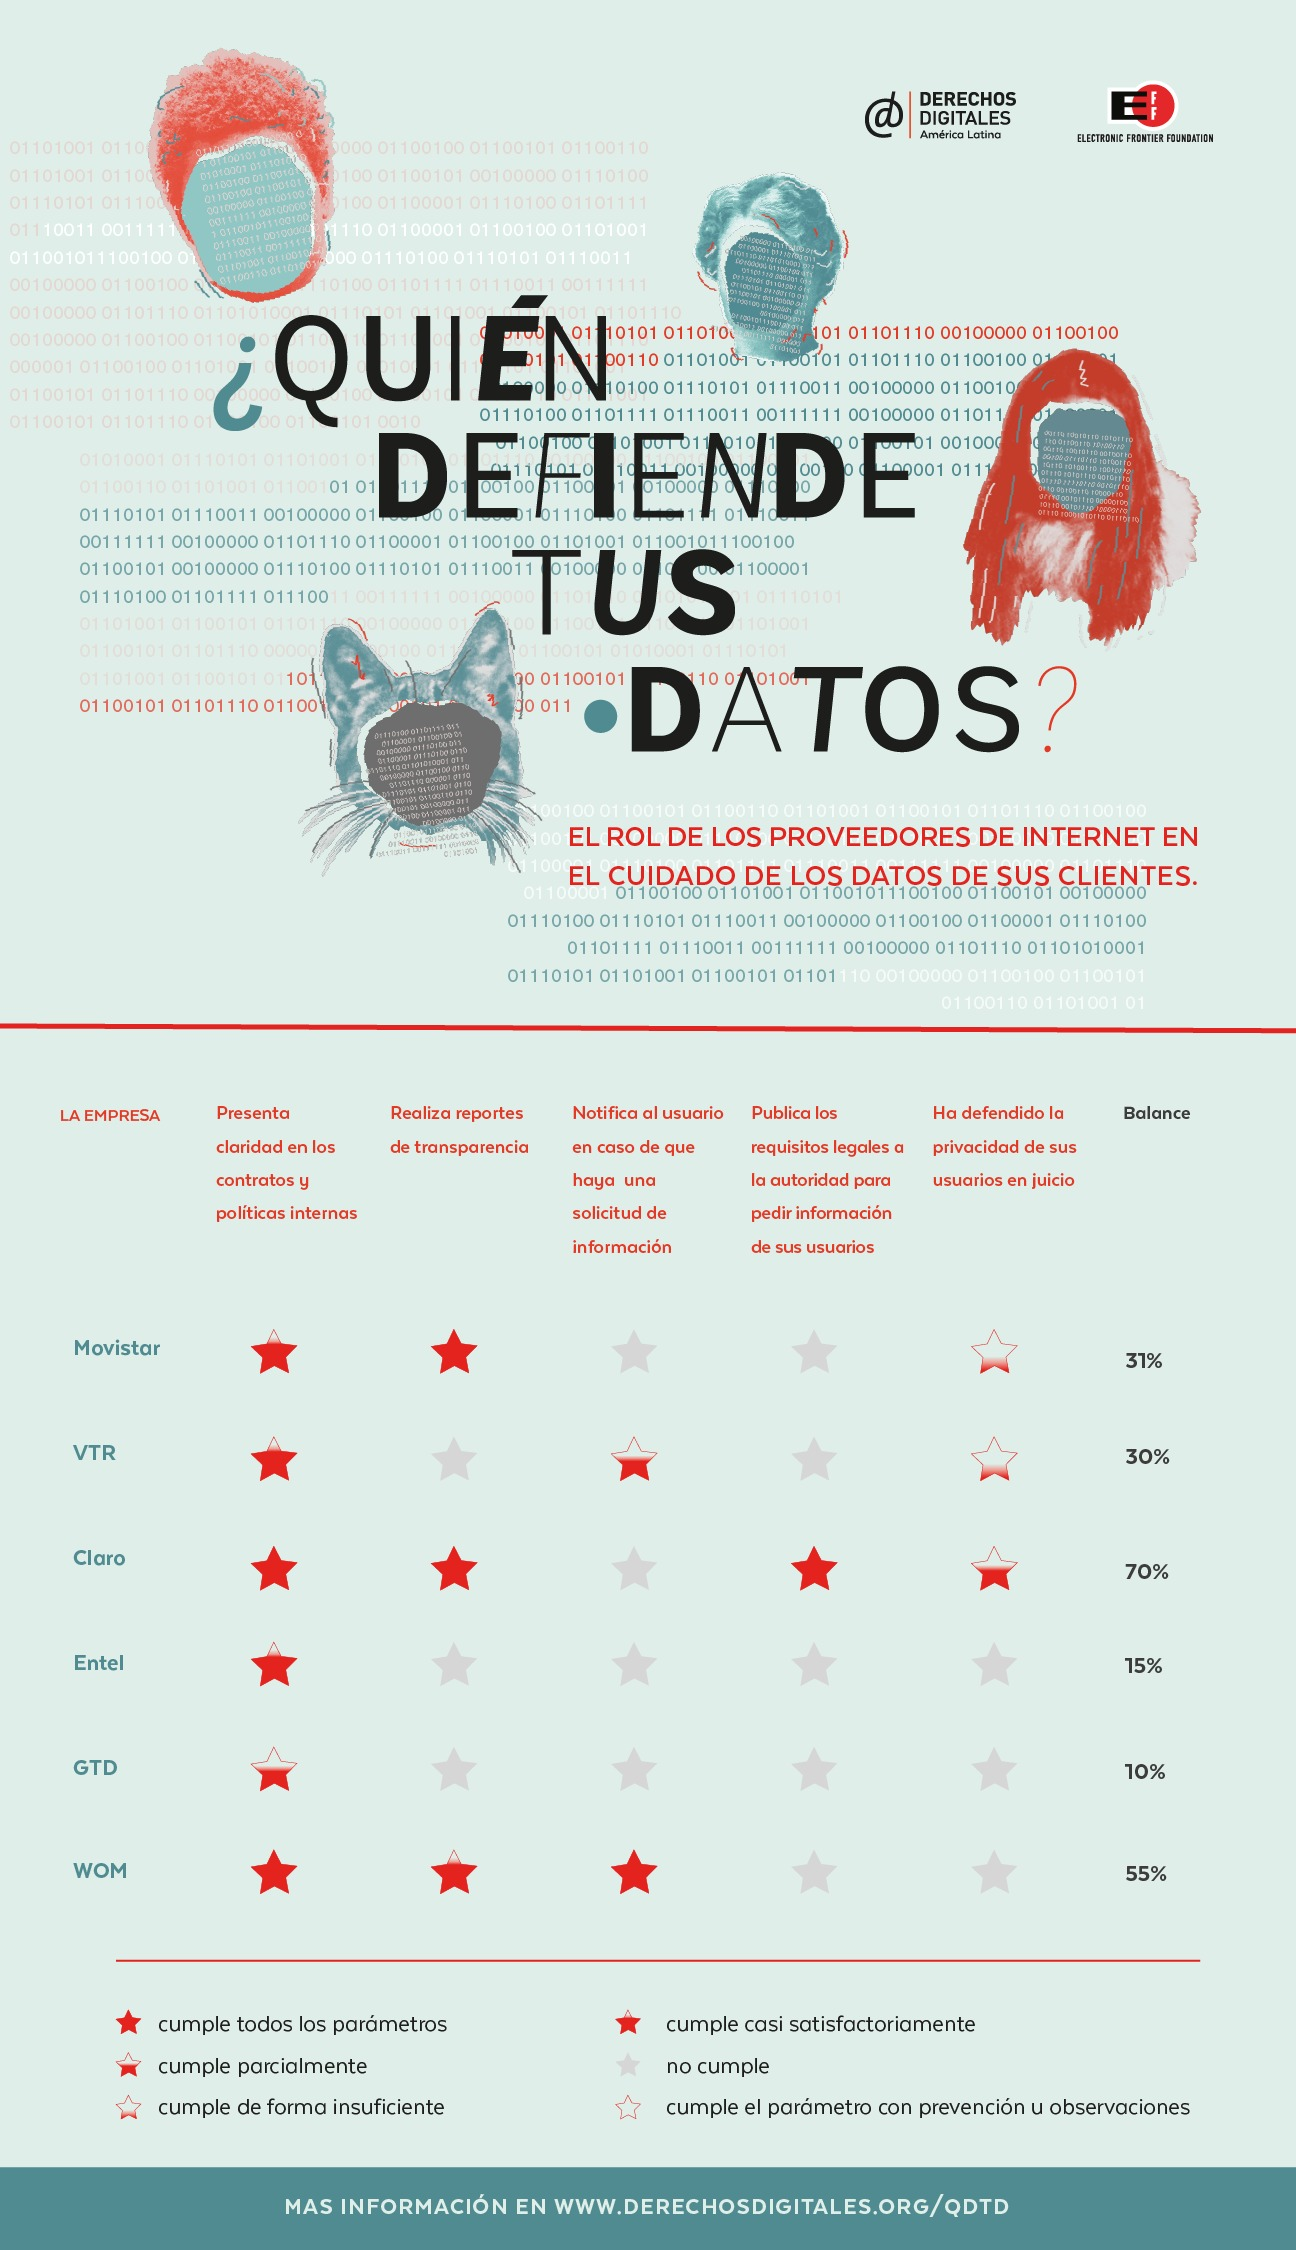 Quien defiende tus datos